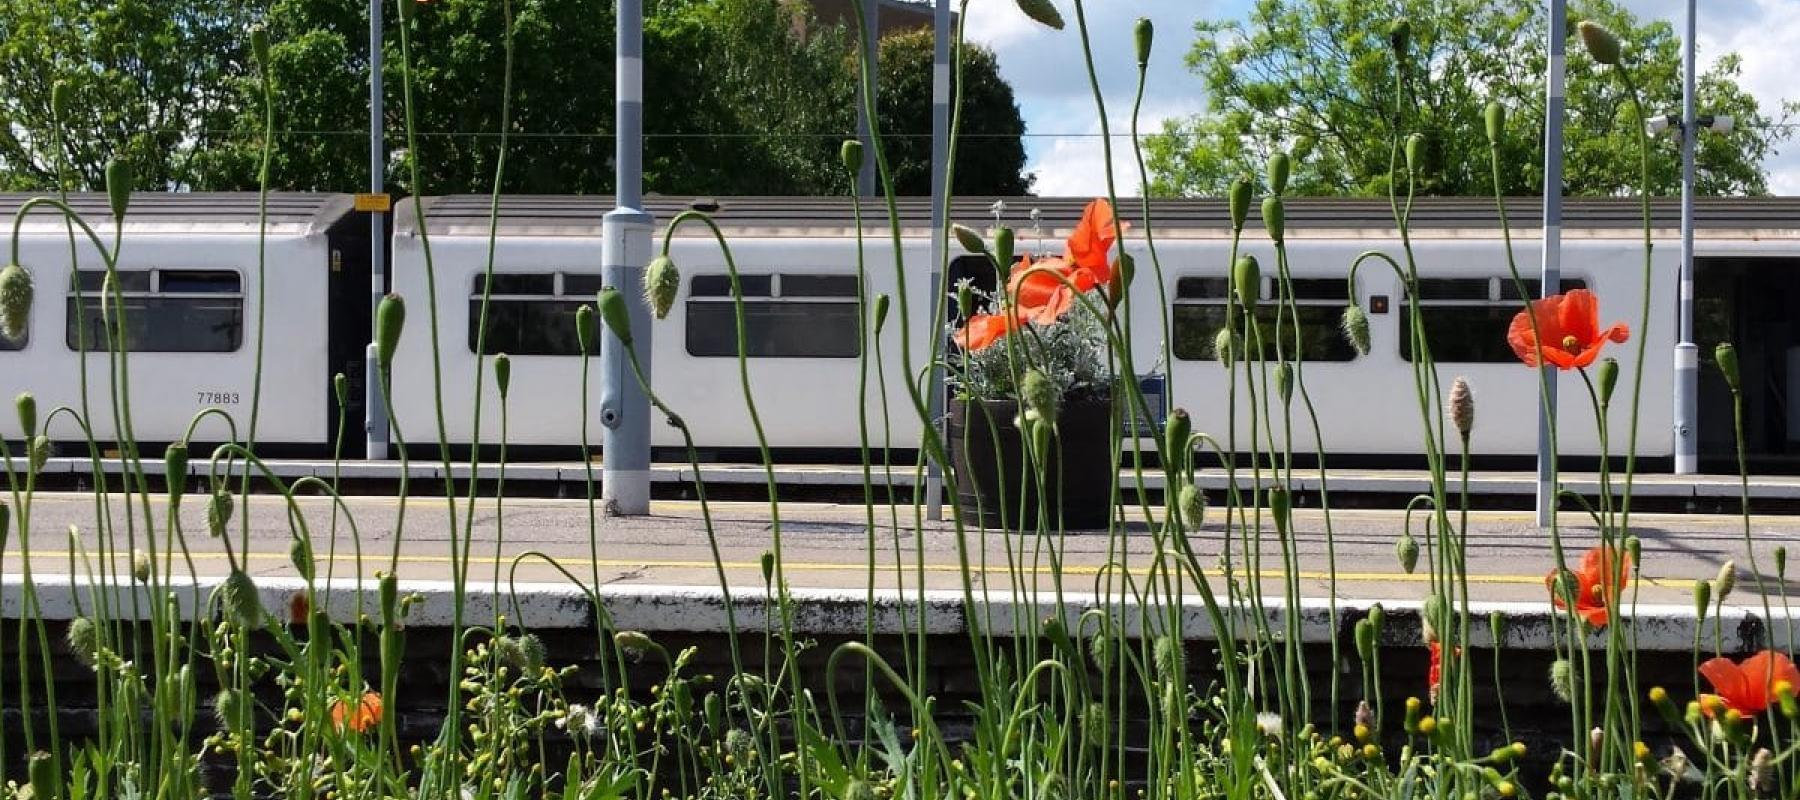 Wickford Railway Station